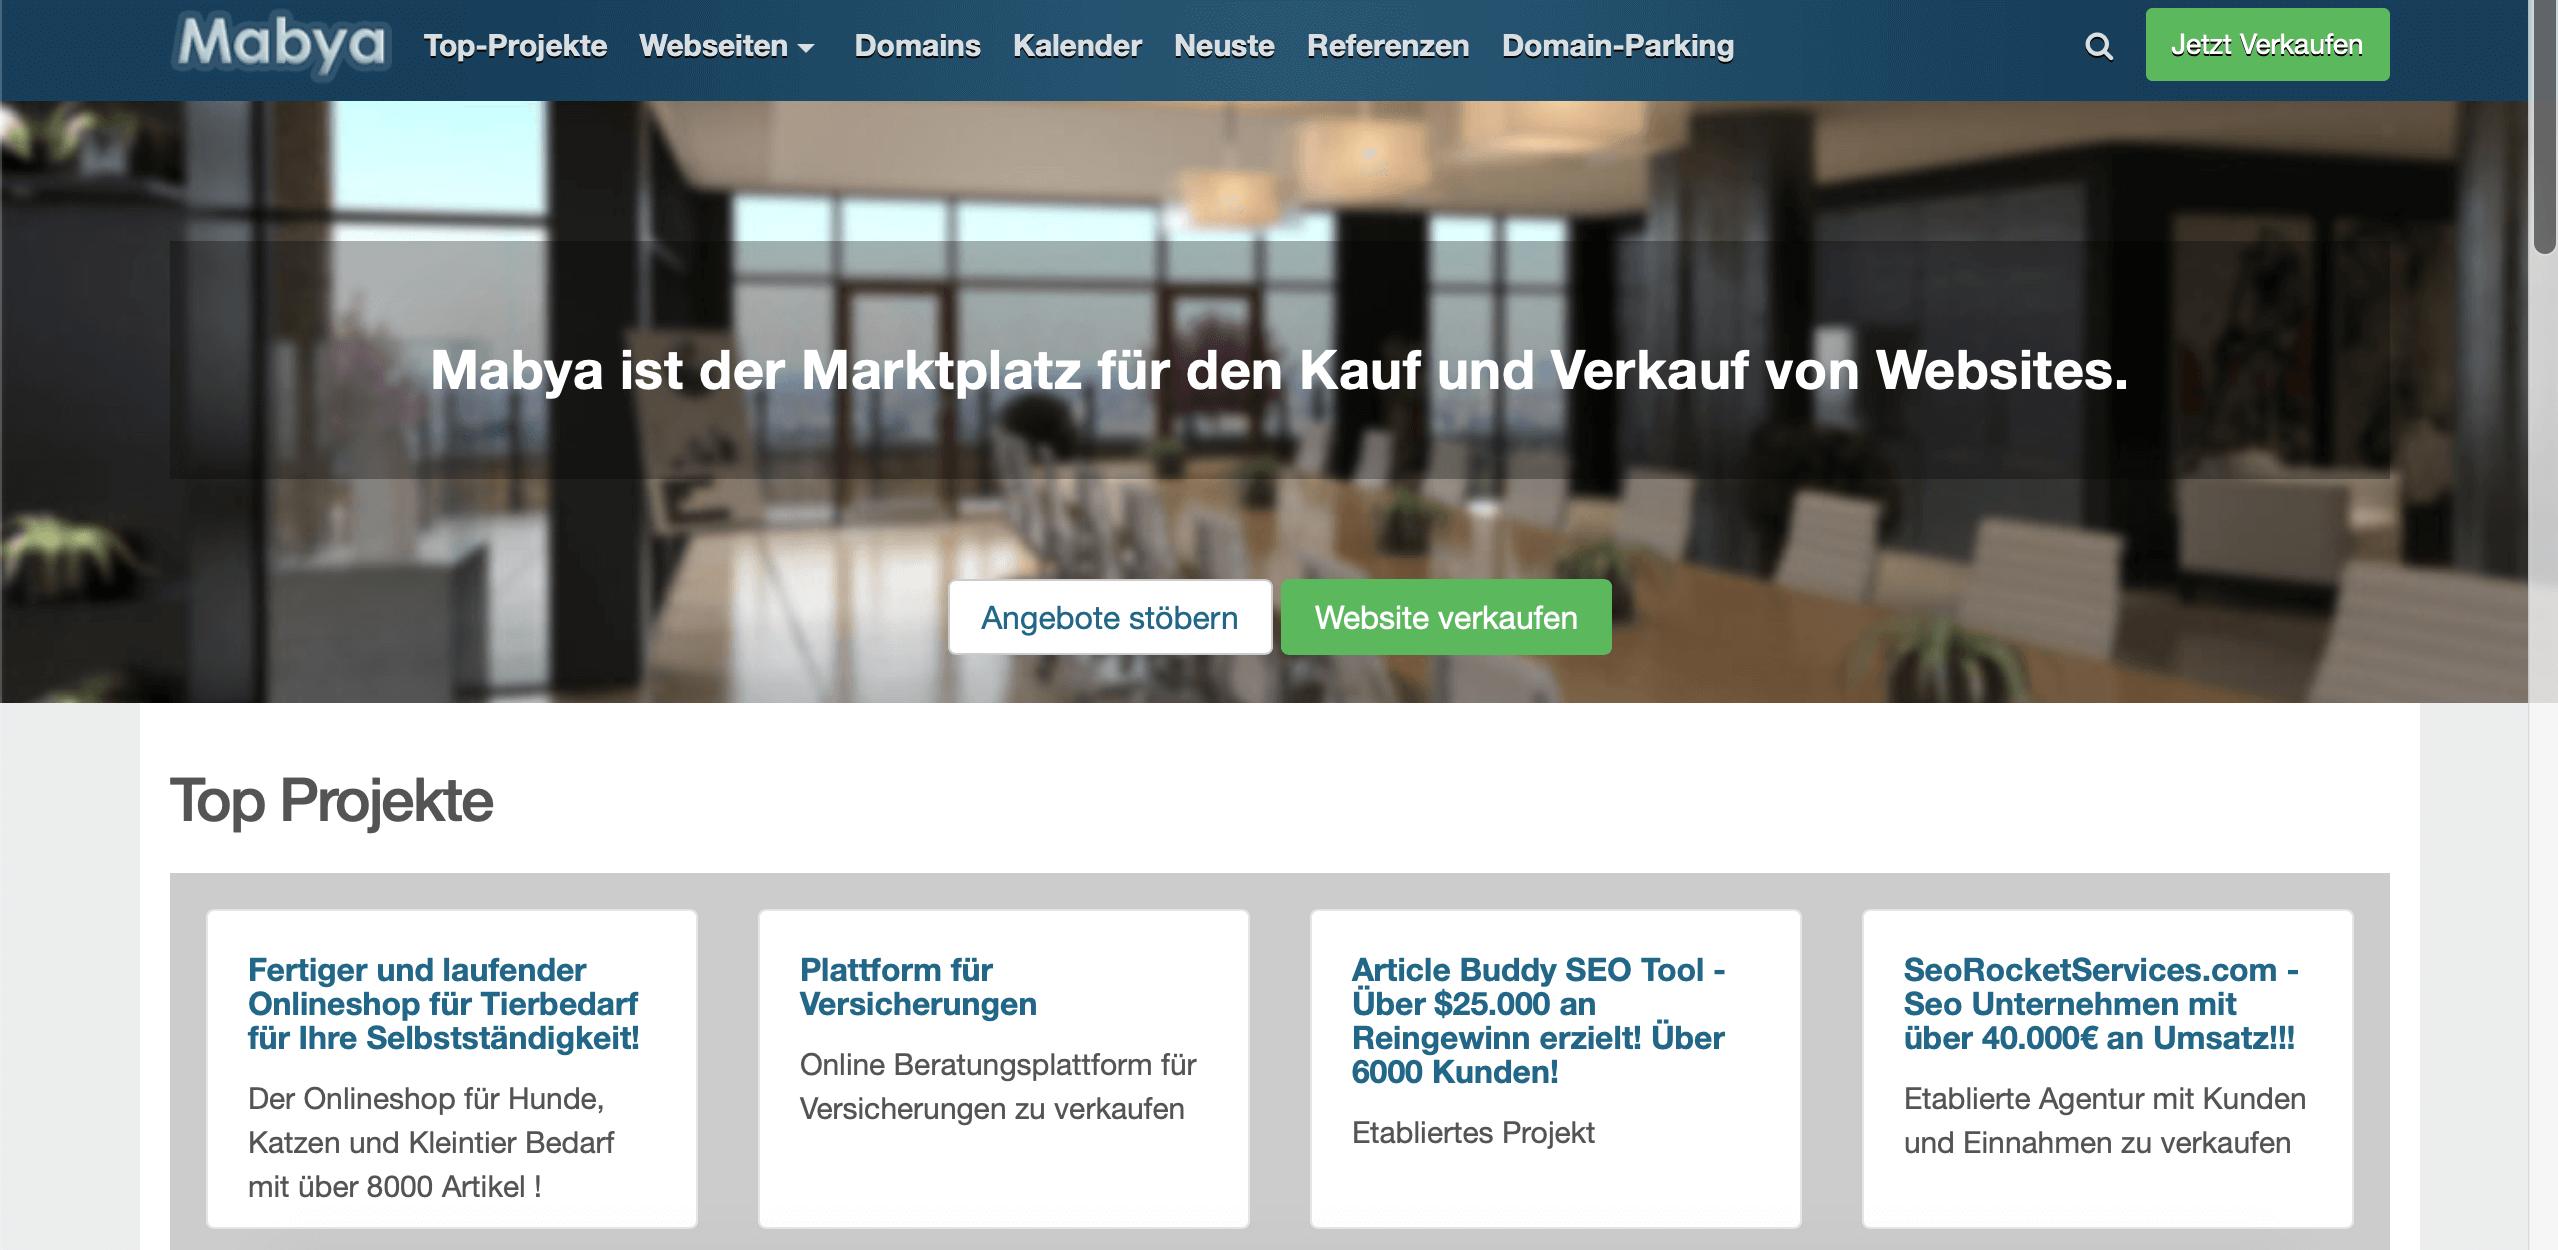 Blog verkaufen